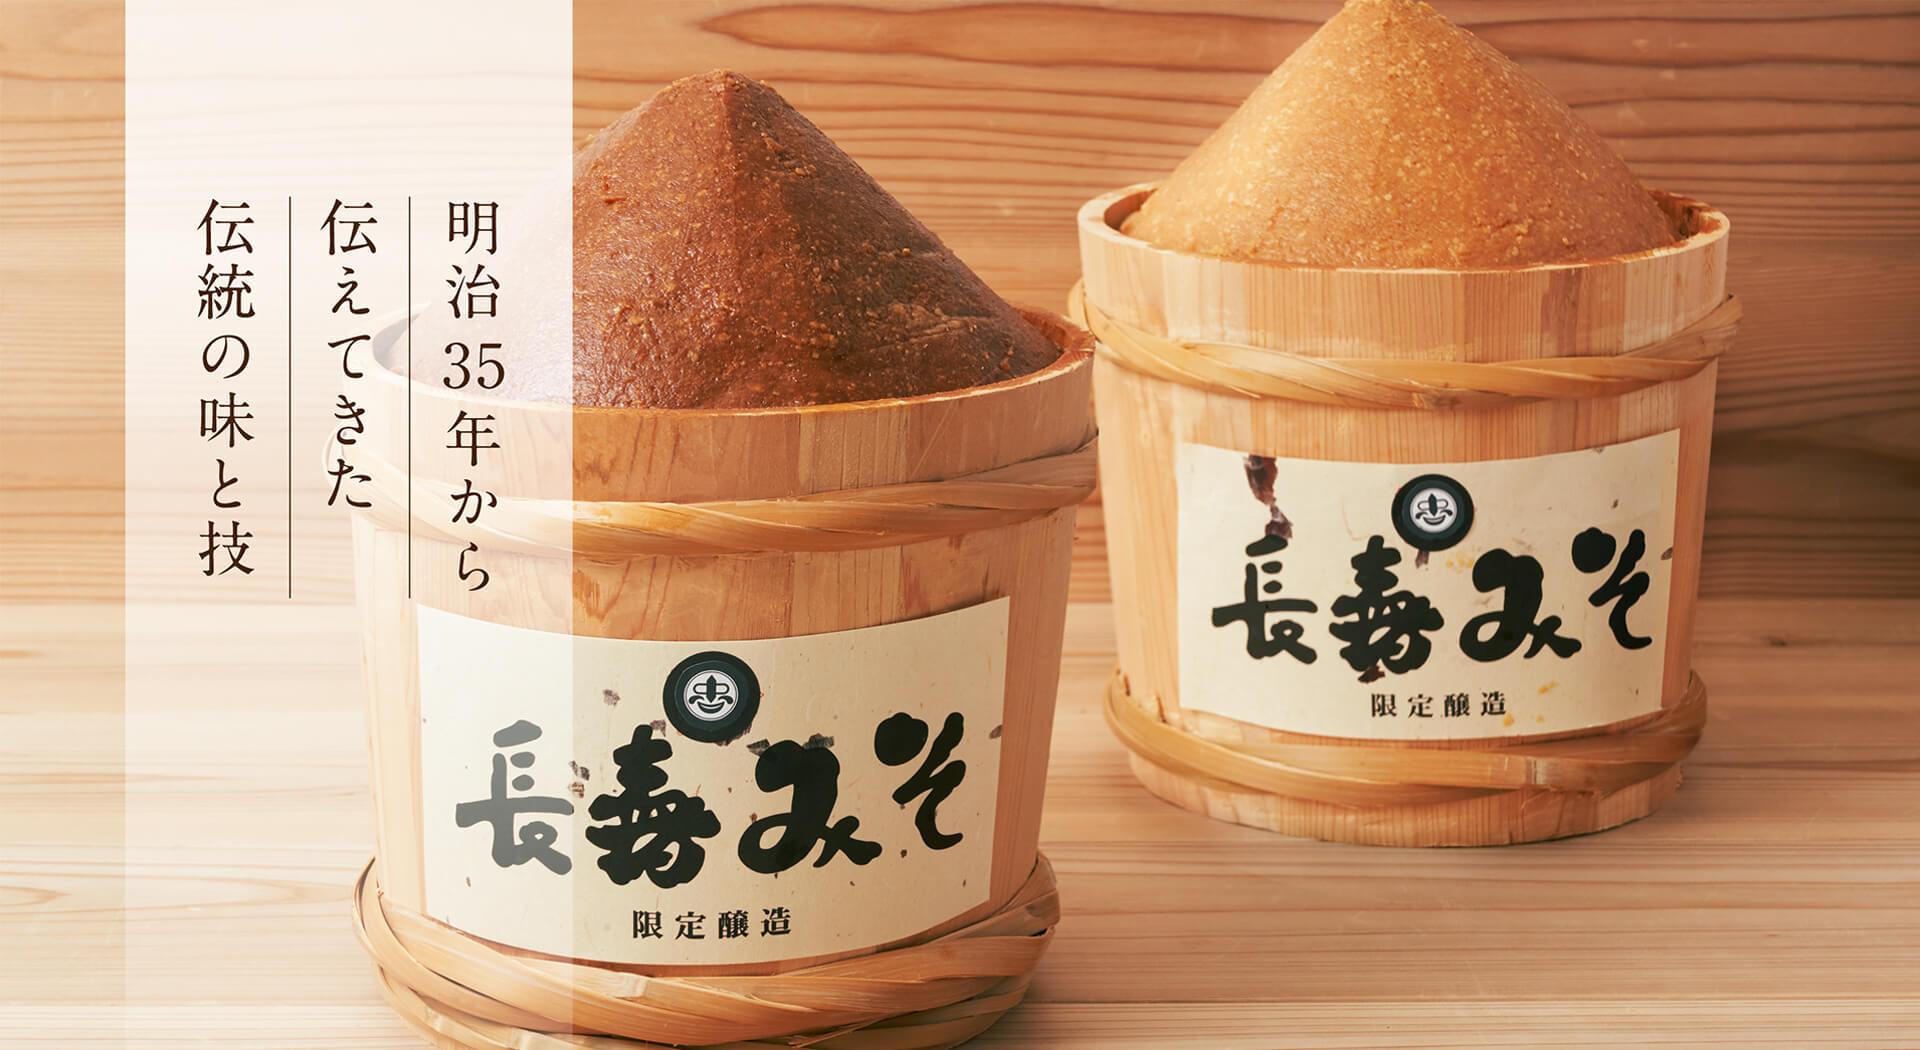 高砂の味・技・心をそのままに、店頭の長寿味噌です。